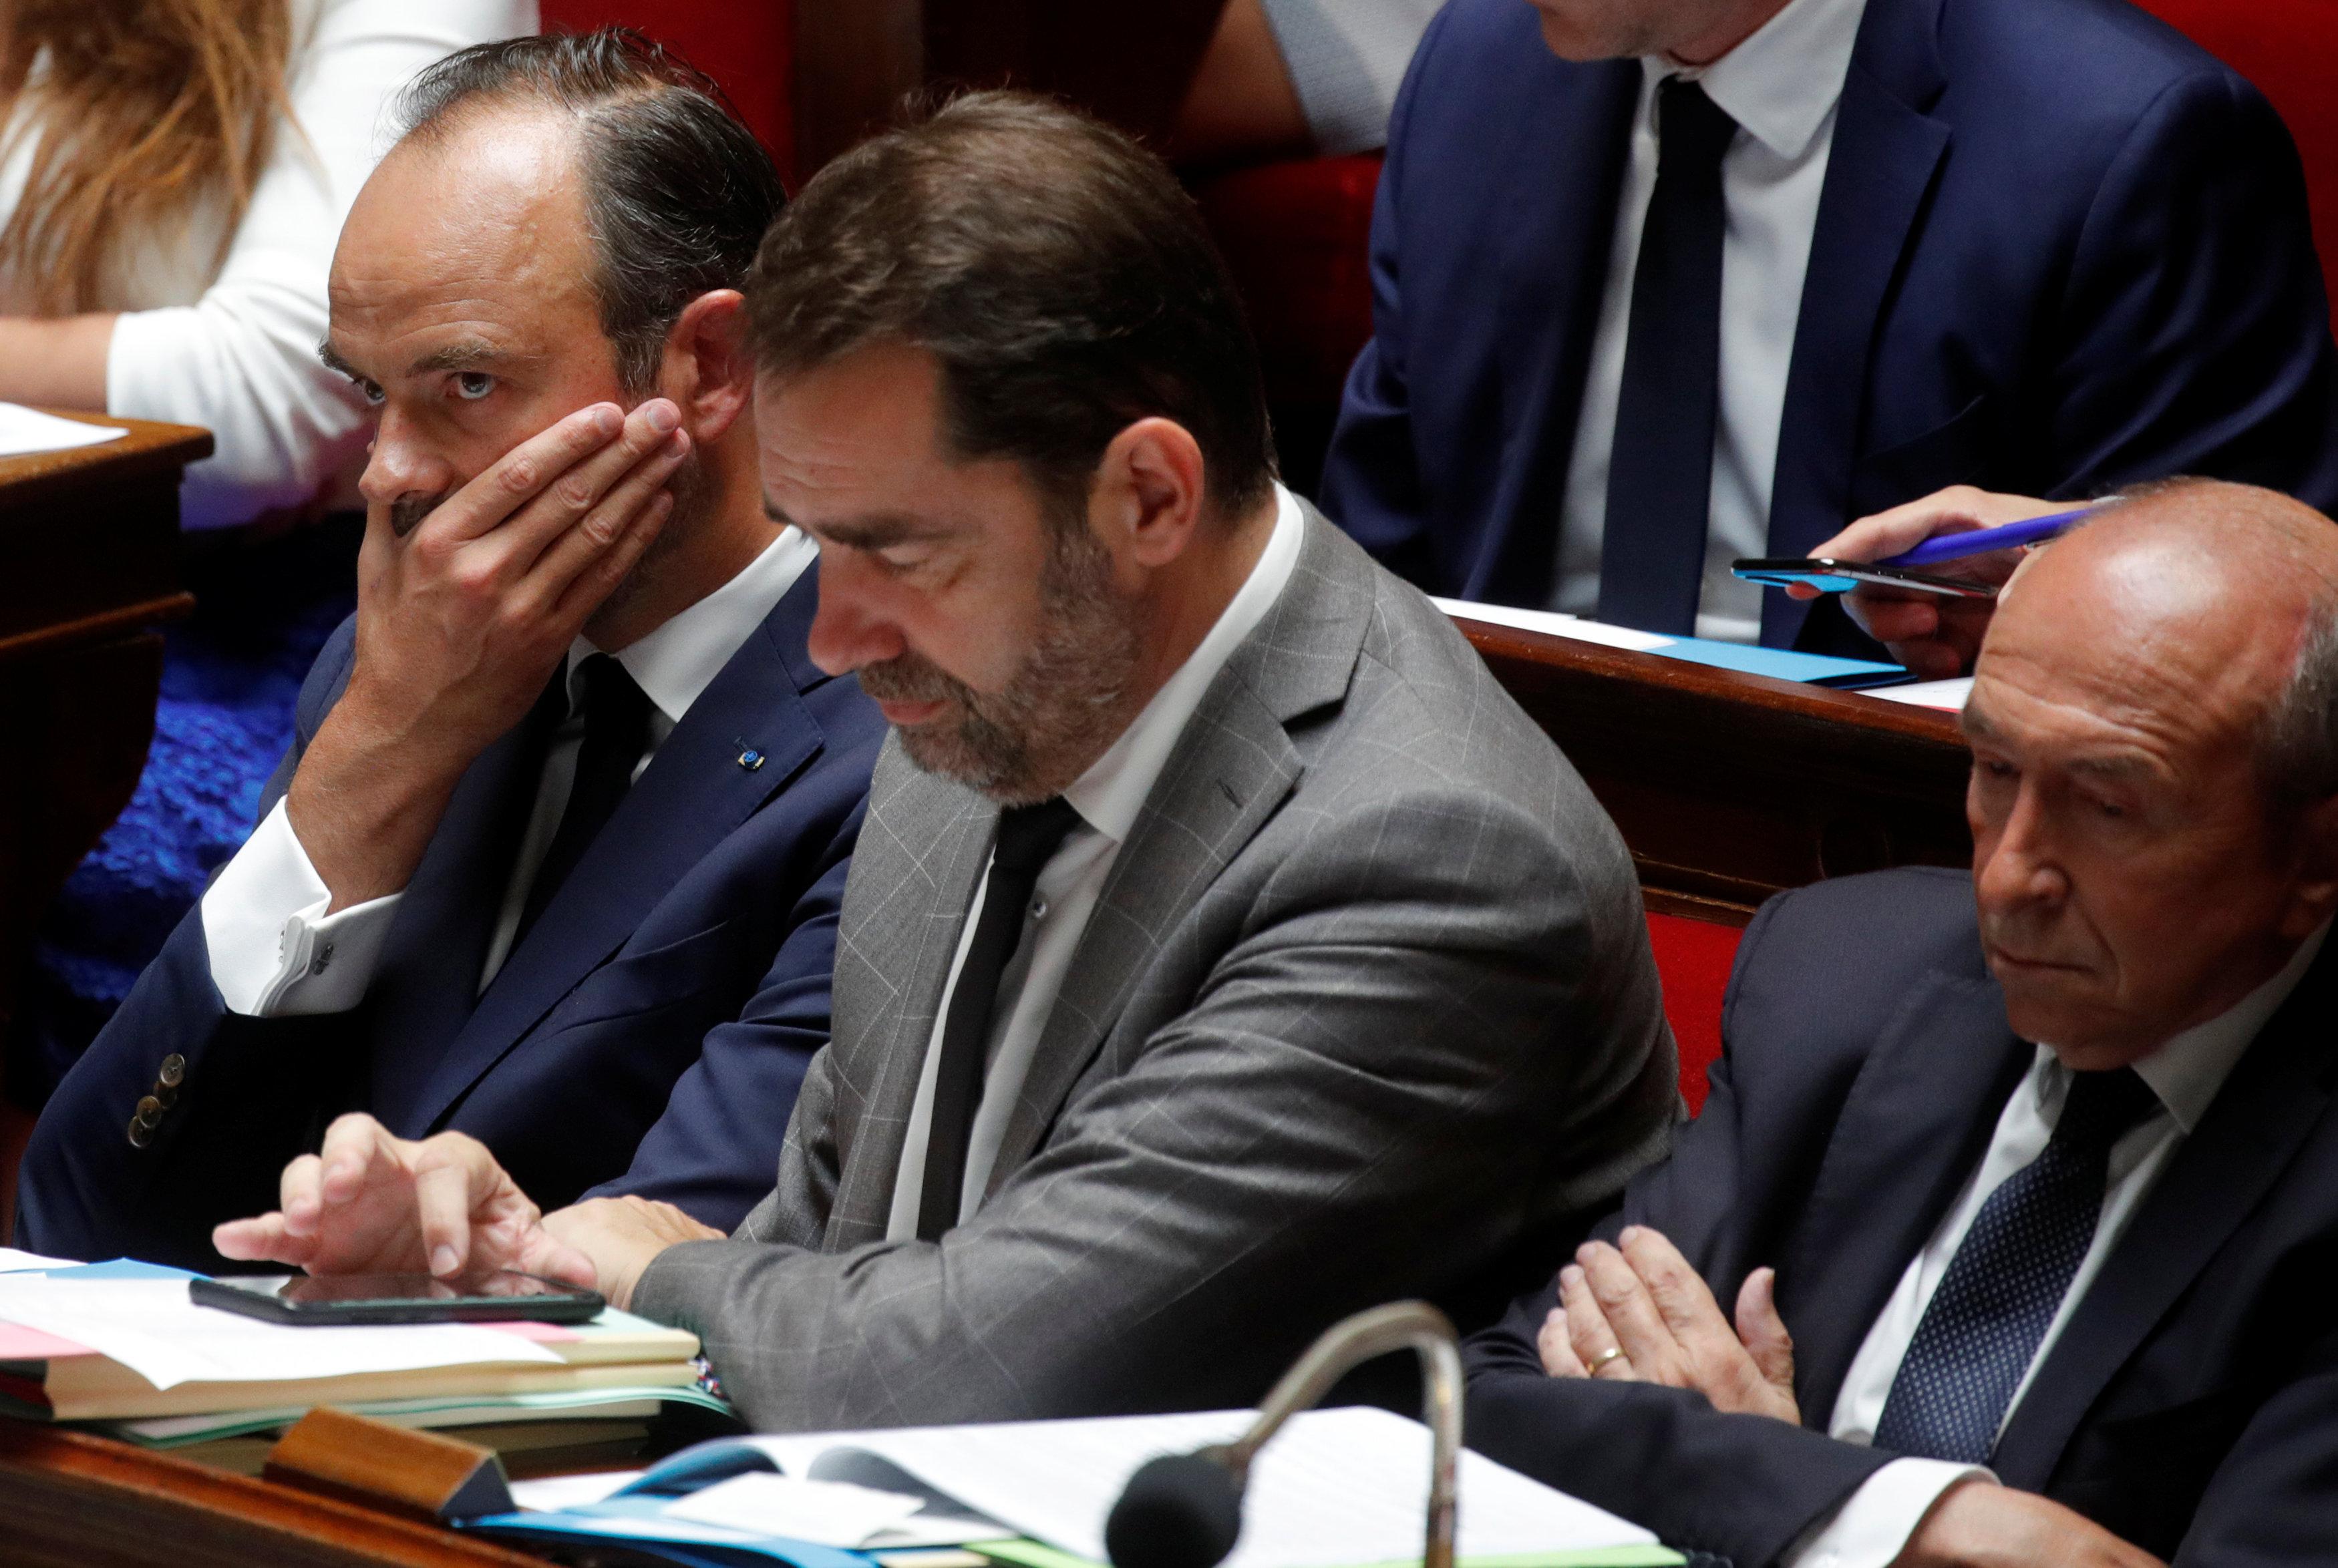 جلسة استماع لرئيس الوزراء الفرنسى بالبرلمان